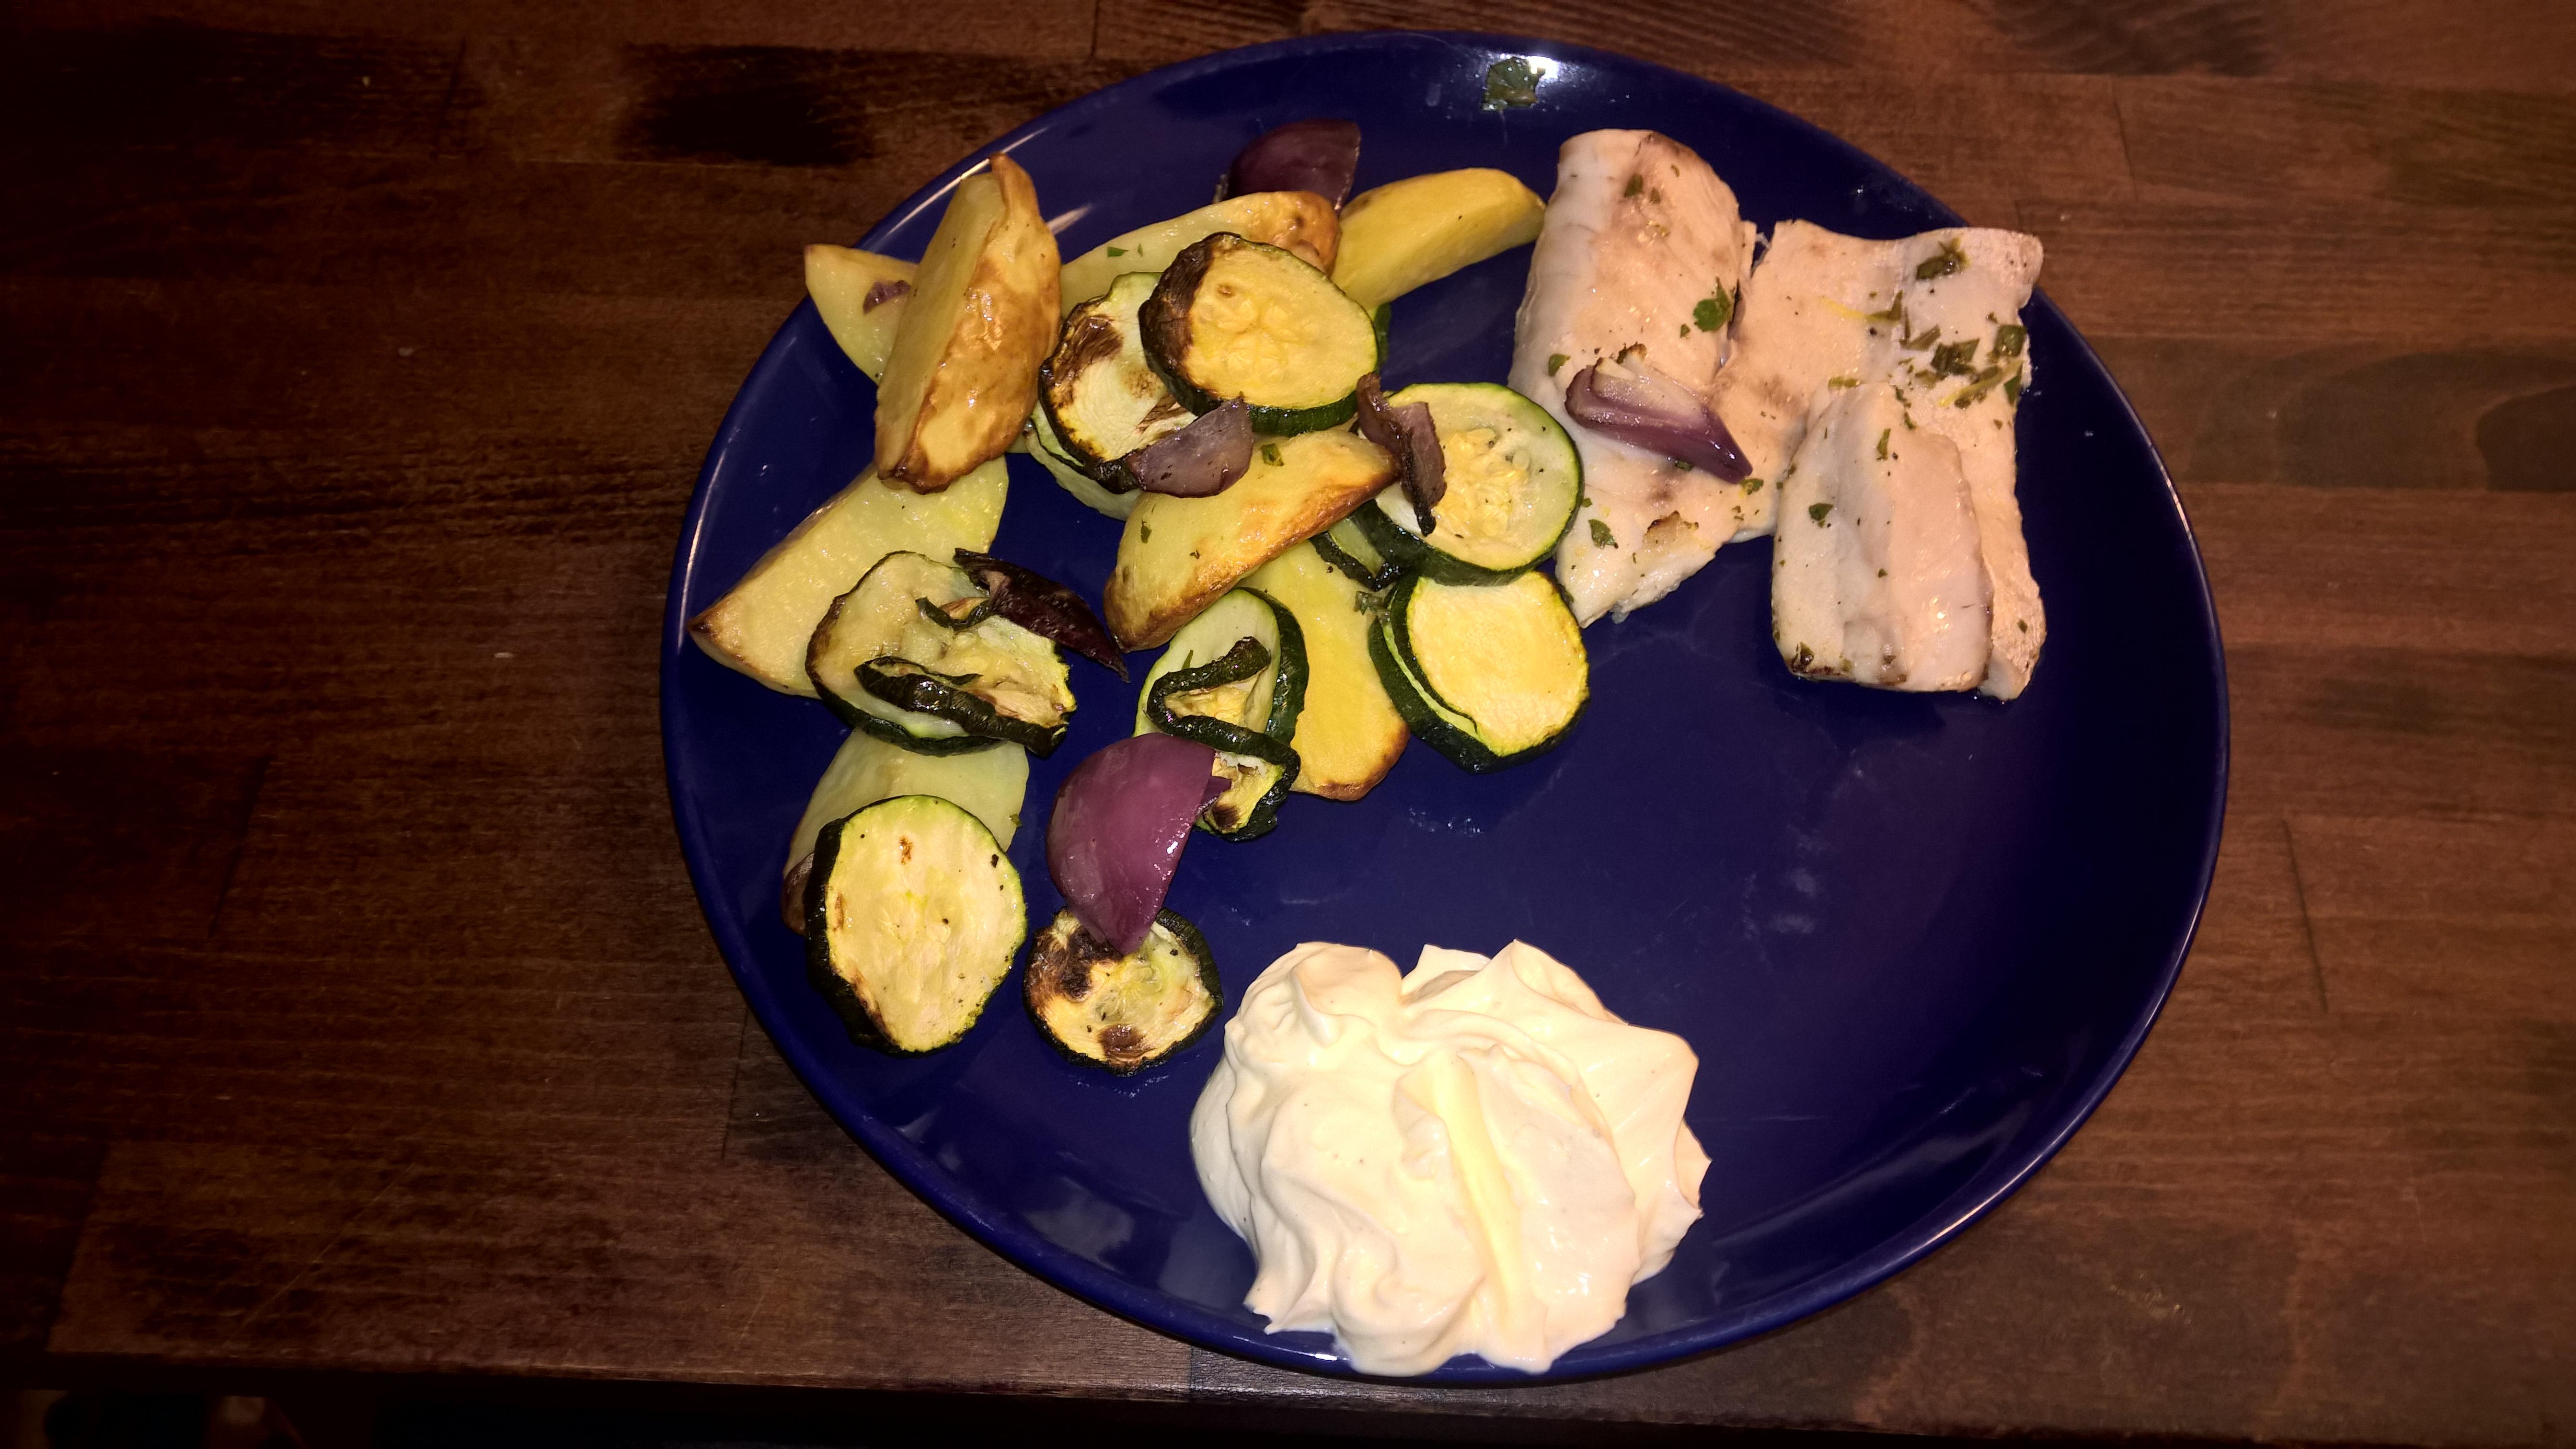 Gutes, abwechslungsreiches Essen für einen fairen Preis [Kochzauber.de] im Produkttest